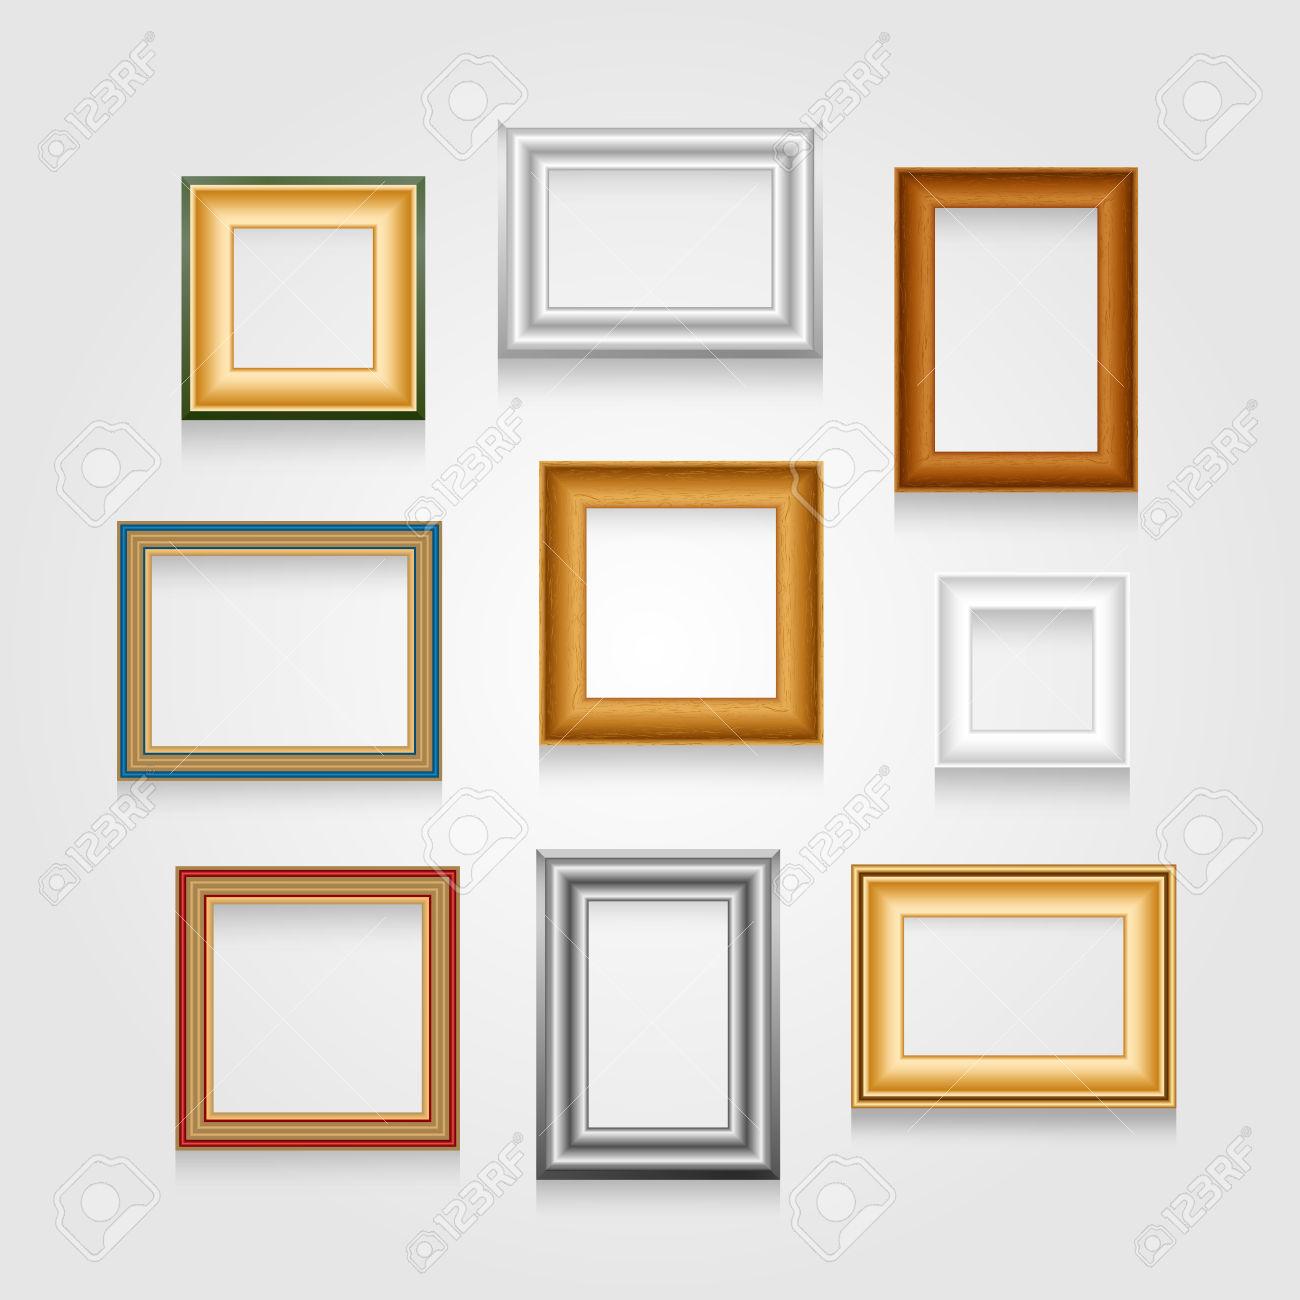 a quin le gusta adornar sus paredes con fotos familiares viajes o frases pues si te encanta hacerlo sta nota es para ti que tanto te divierte recrear